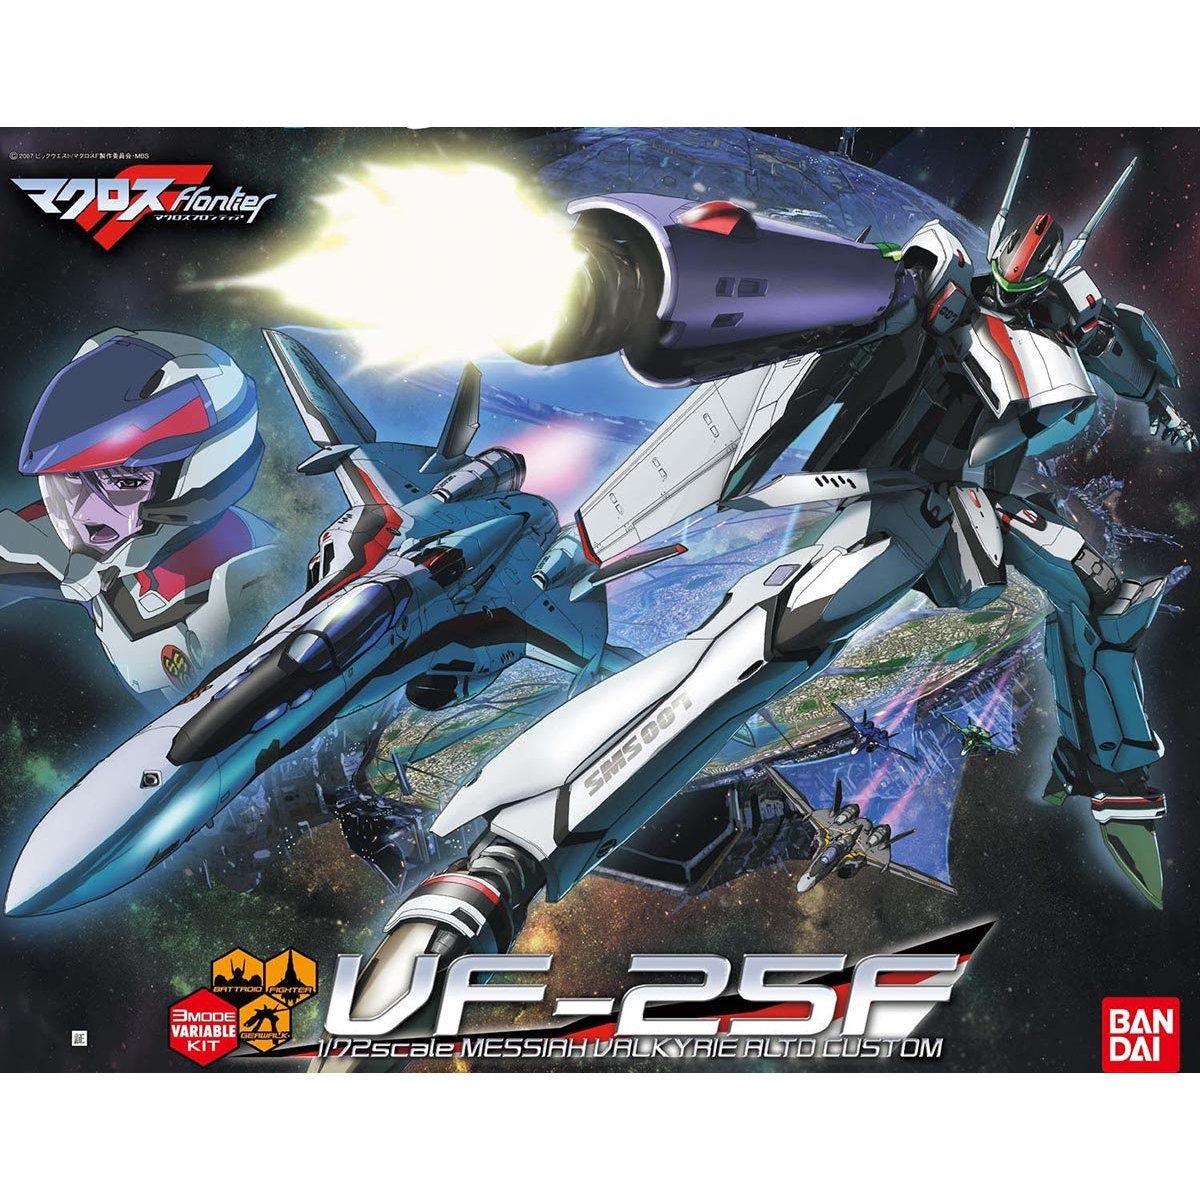 【再販】マクロスF『VF-25F メサイアバルキリー アルト機』1/72 プラモデル-008